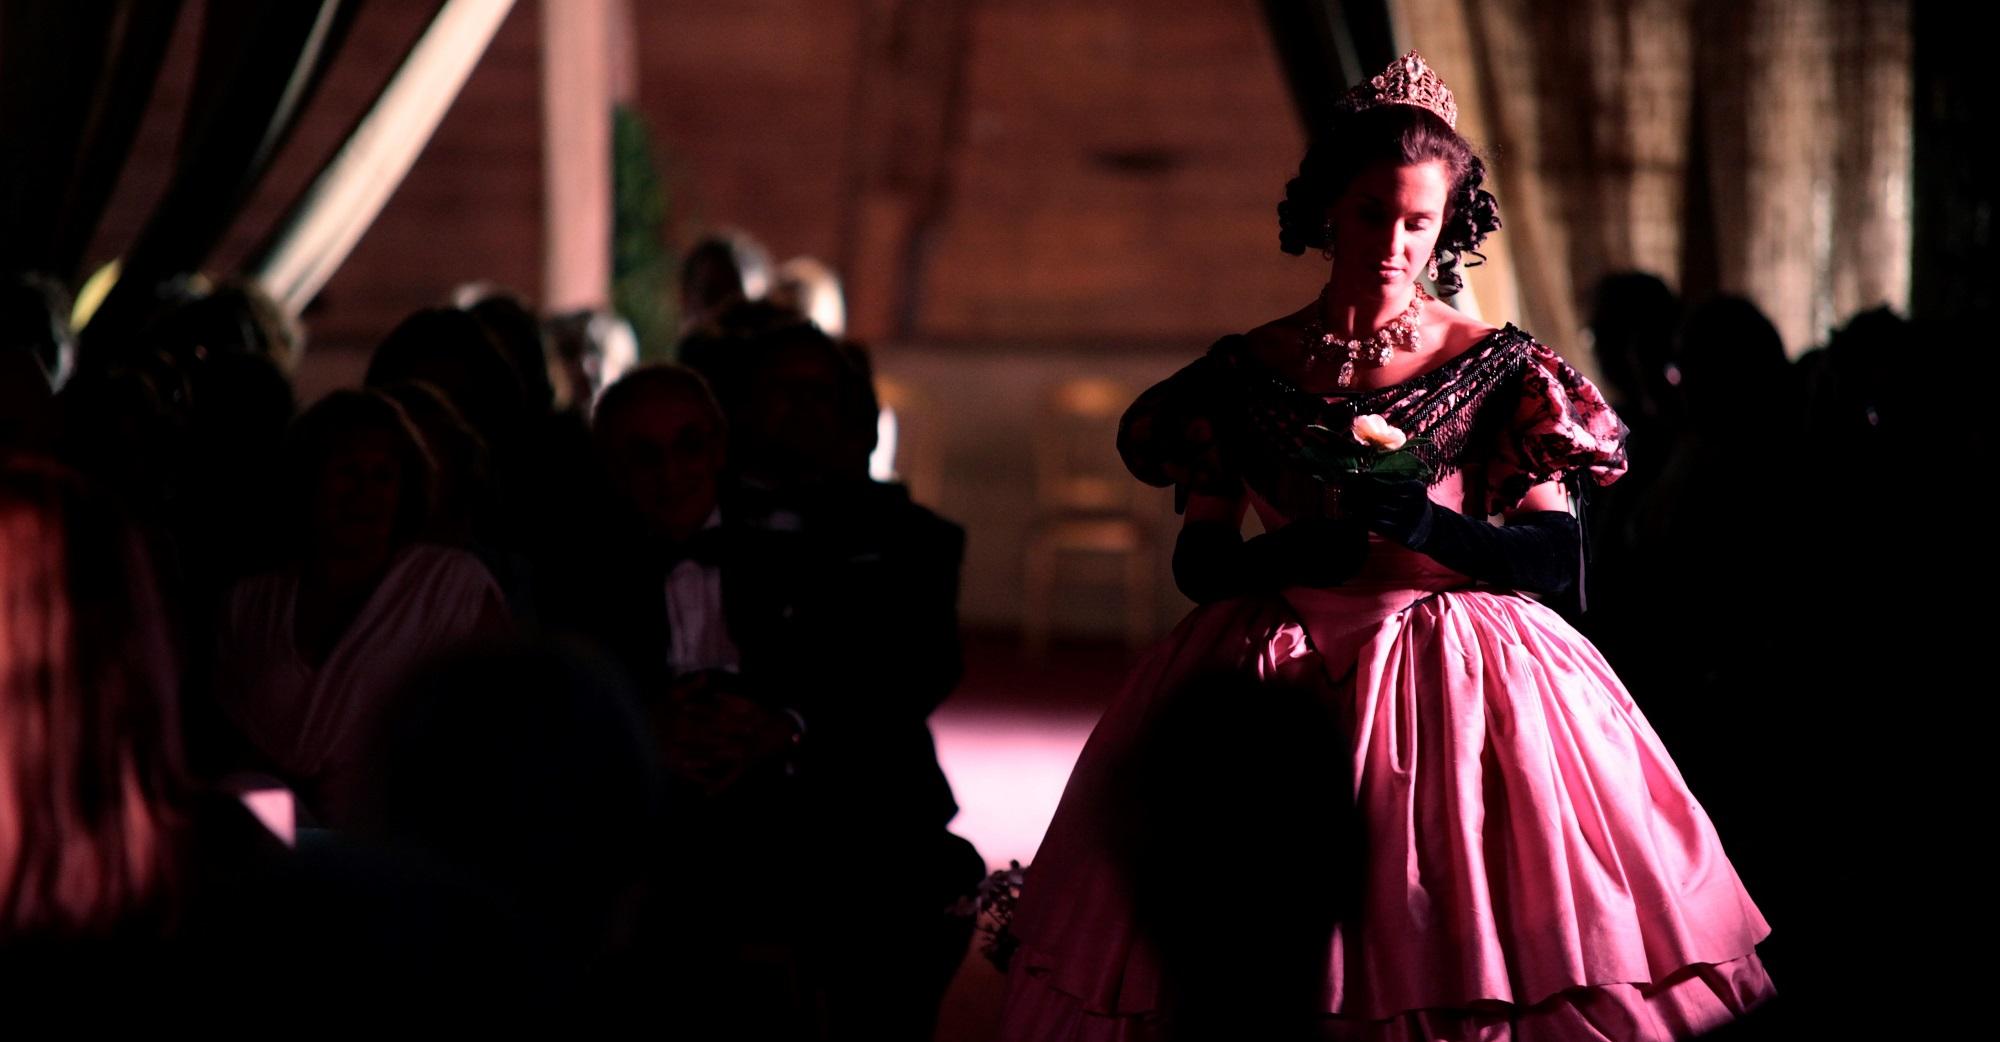 London Festival Opera La Traviata charity fundraising event